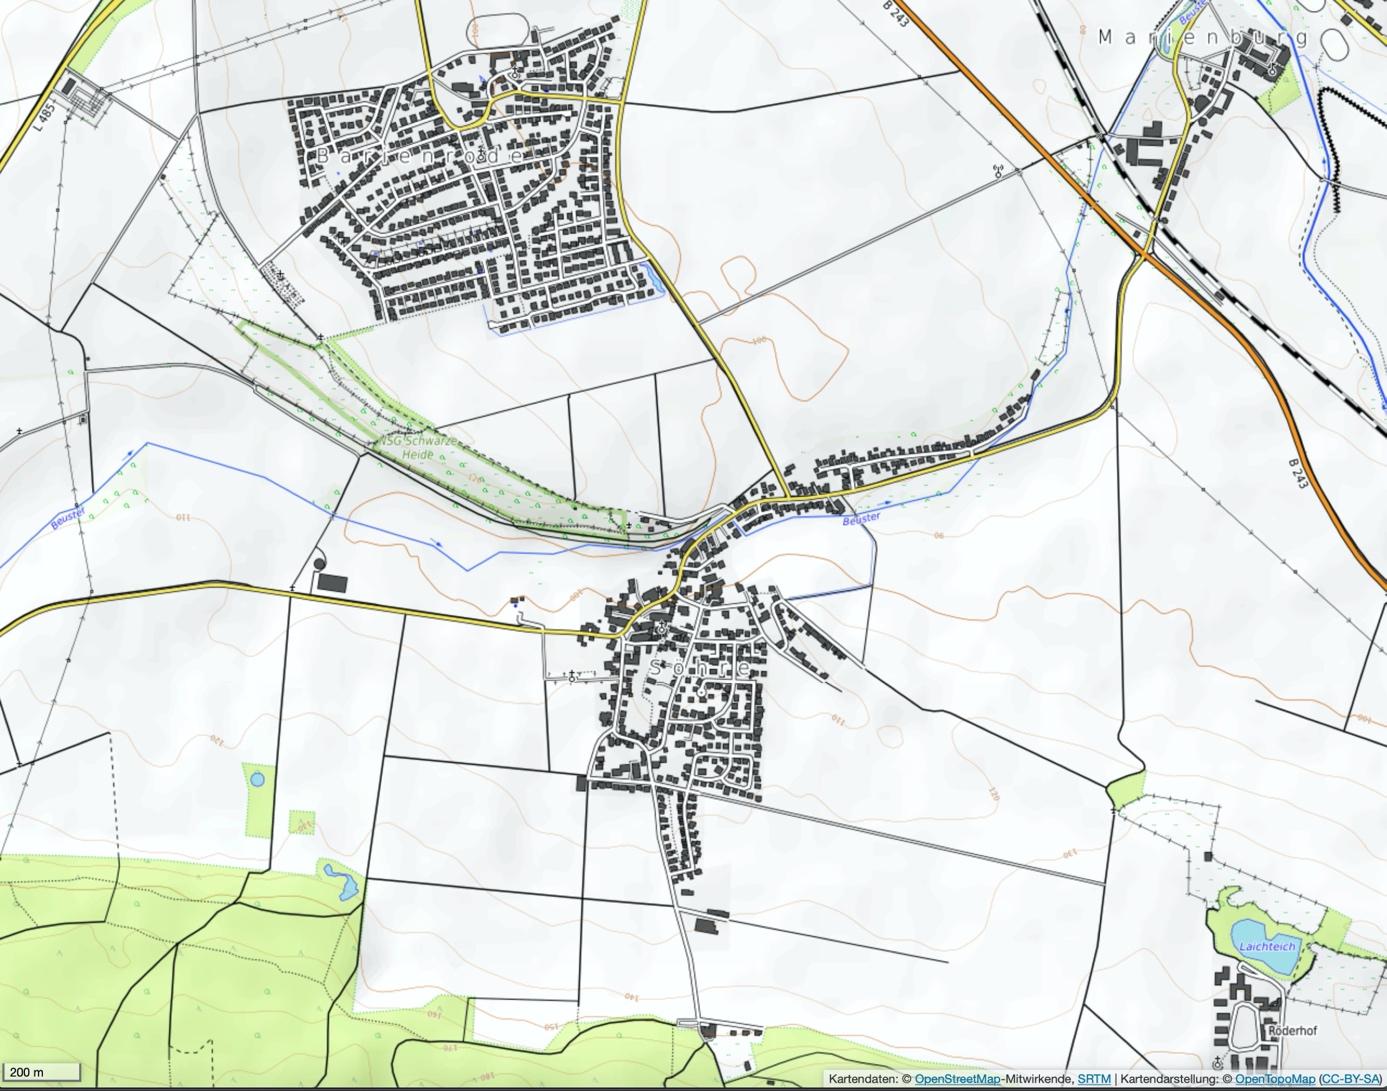 Ein Bild, das Text, Karte enthält. Automatisch generierte Beschreibung